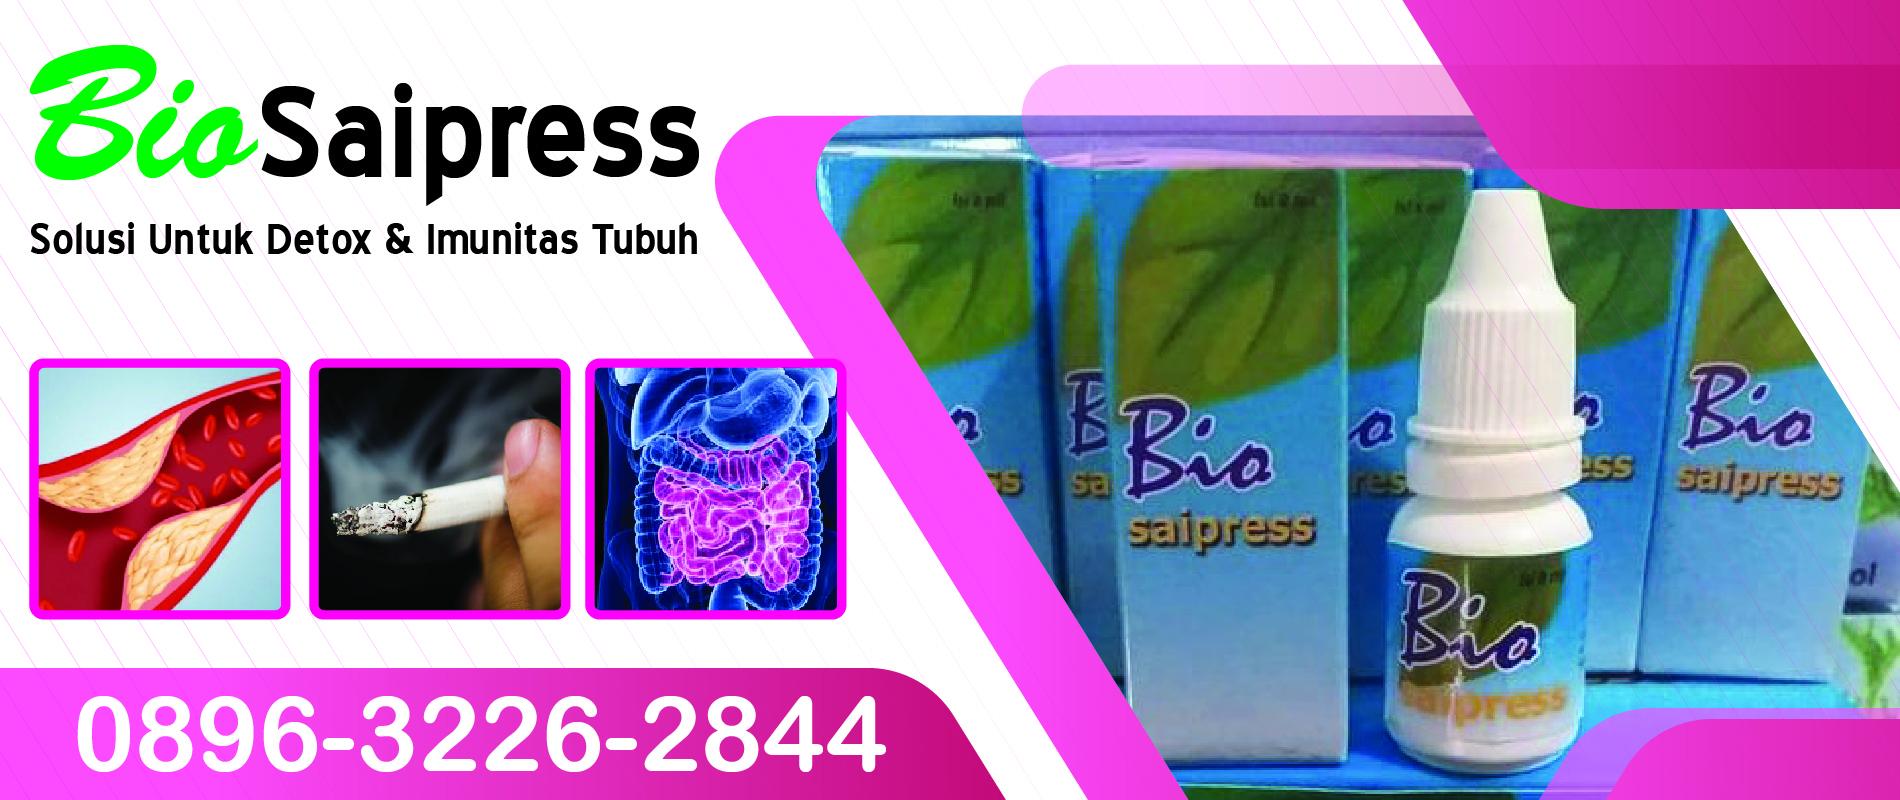 Produk Biosaipress-01